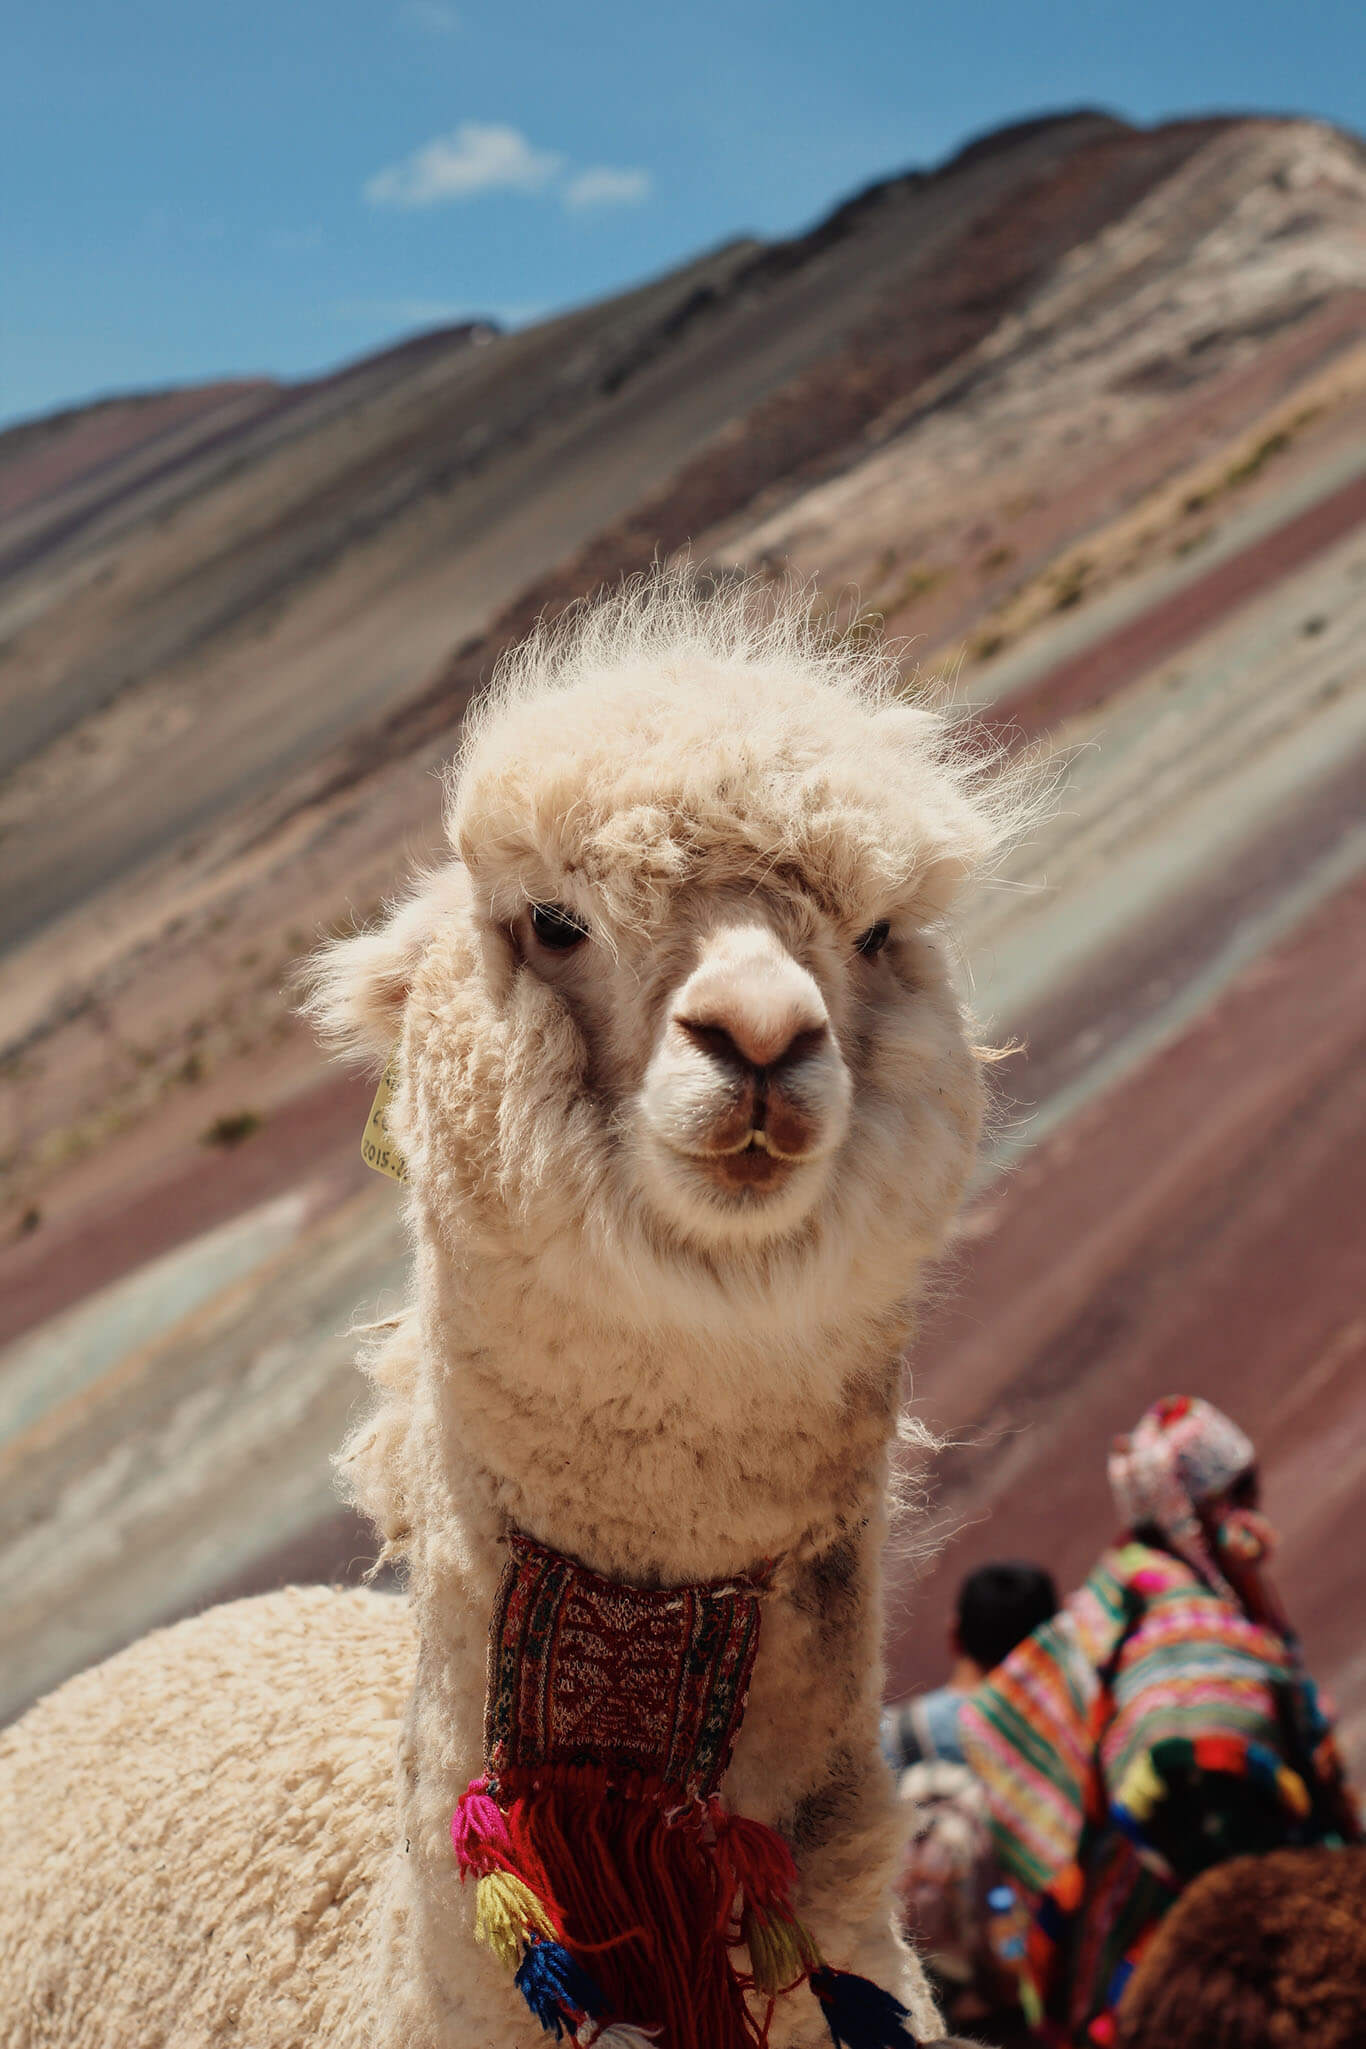 peru-llamas-alpacas-ovejas